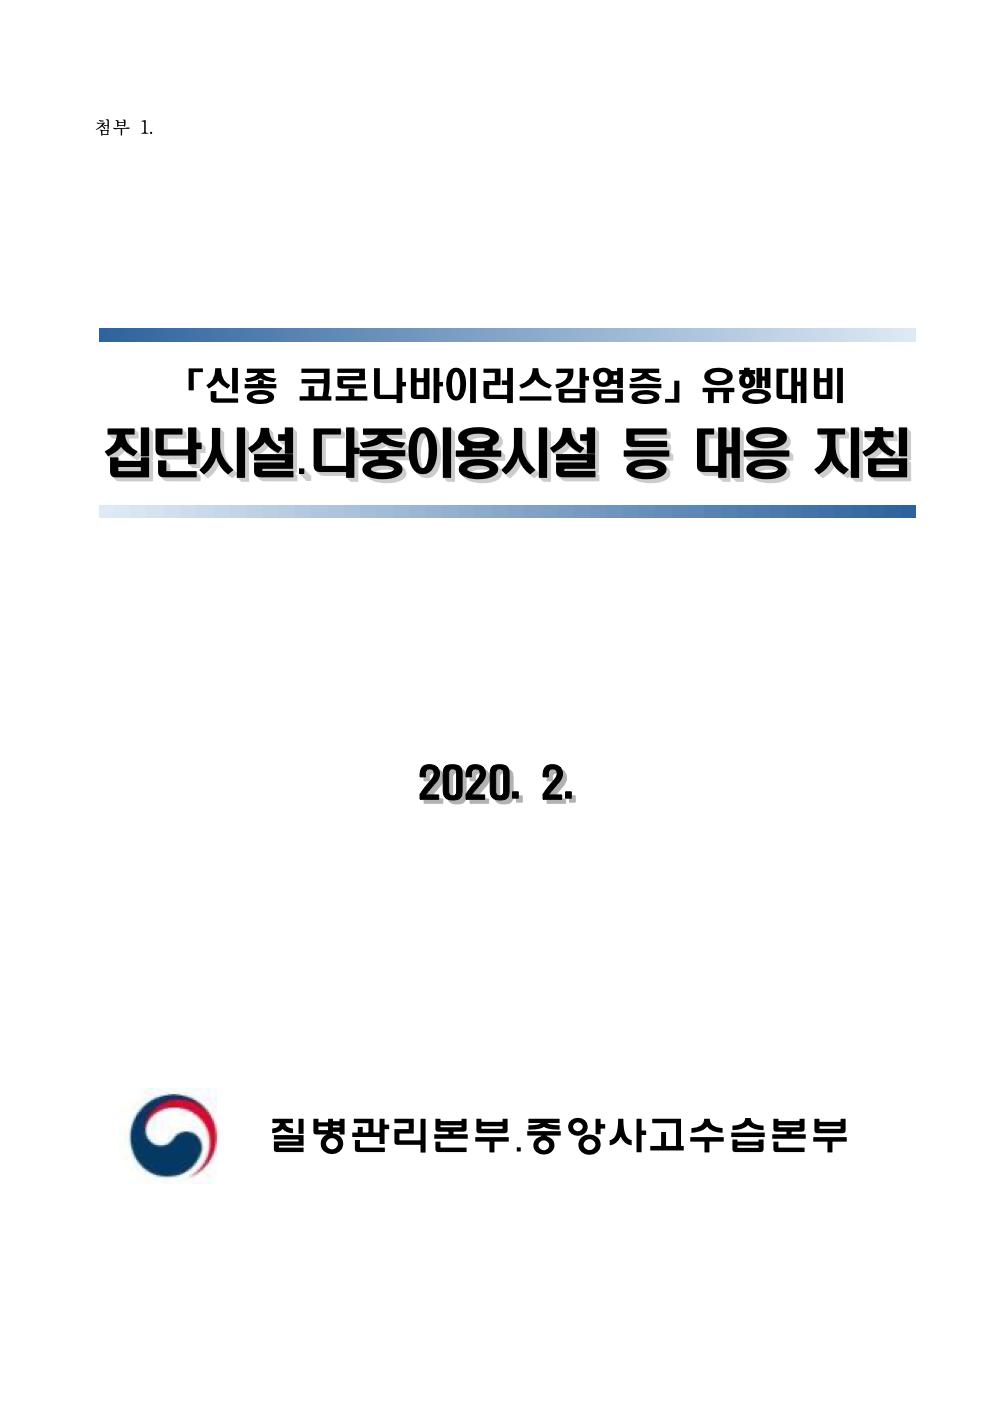 춘교 20-016호 「코로나 바이러스 감염증-19」의 확진자 급증에 따른 권고사항003.jpg